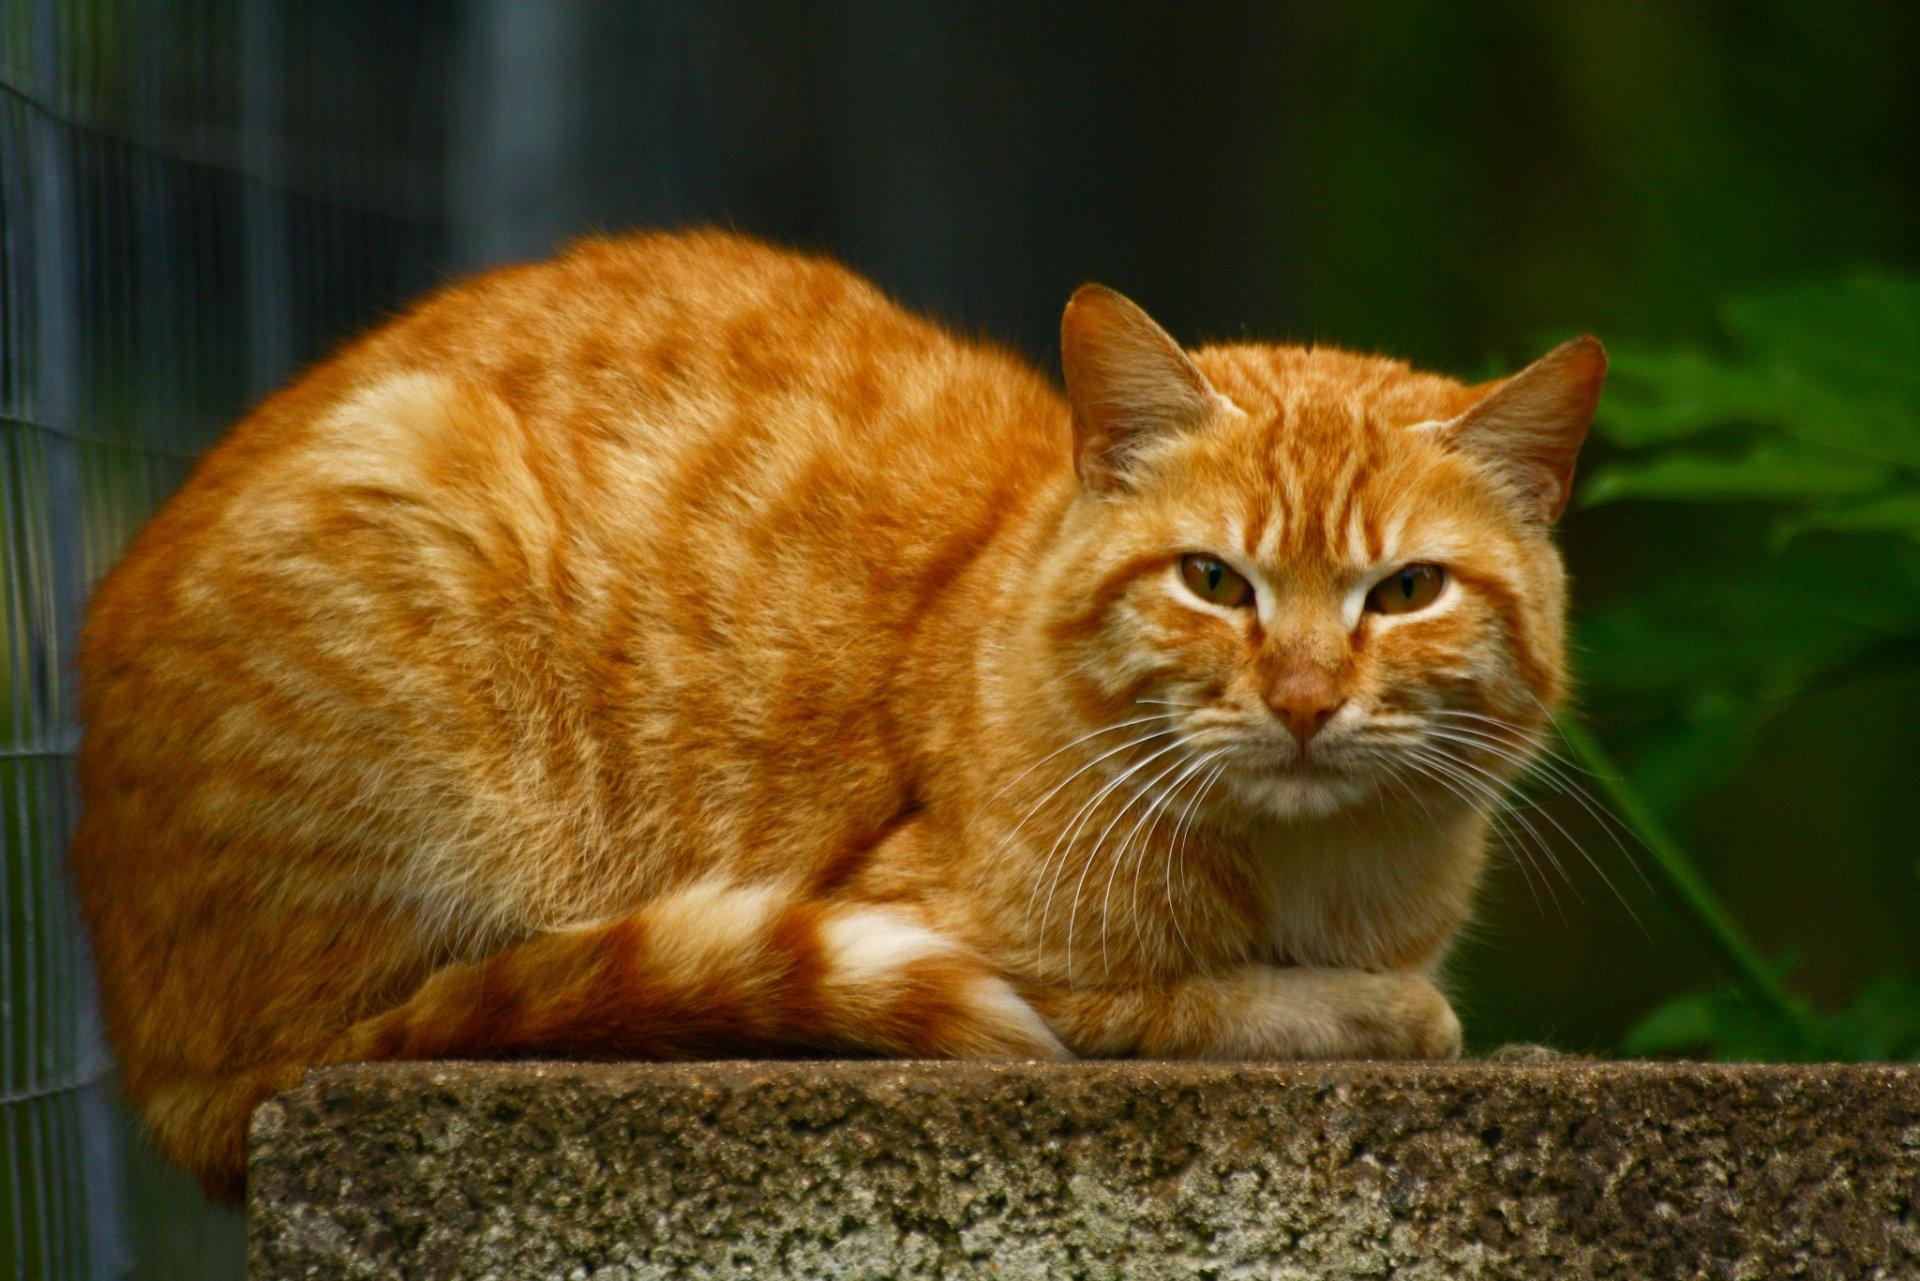 Рыжие кошки картинки фото, влюбленности забавные